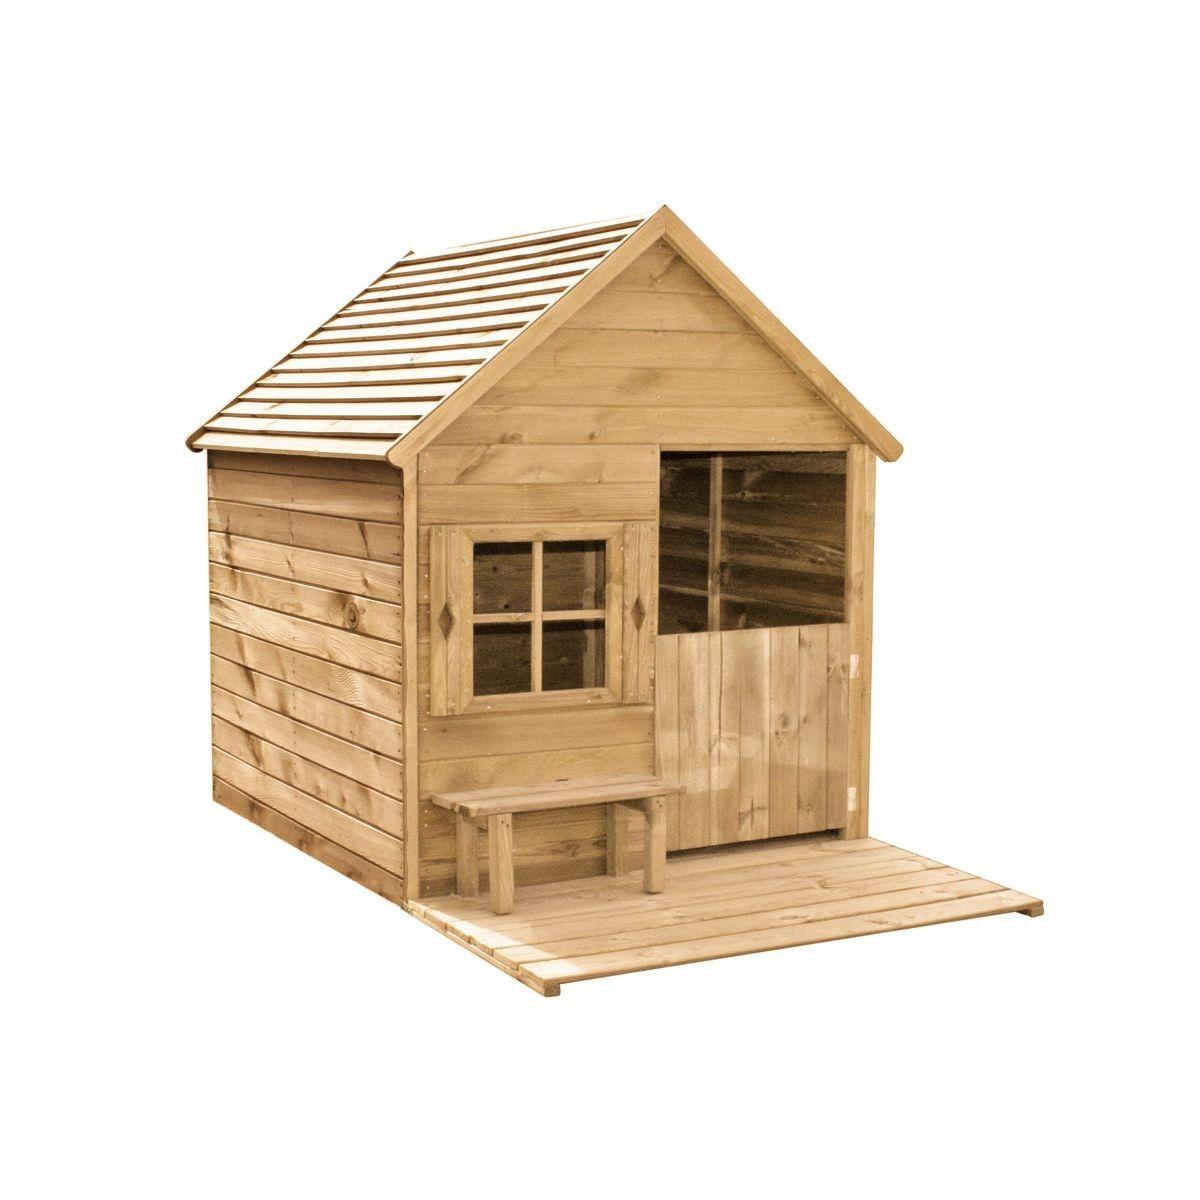 Maisonnette - Cabane En Bois Traité Pour Enfants, Heidi En ... destiné Cabane De Jardin Pour Enfants